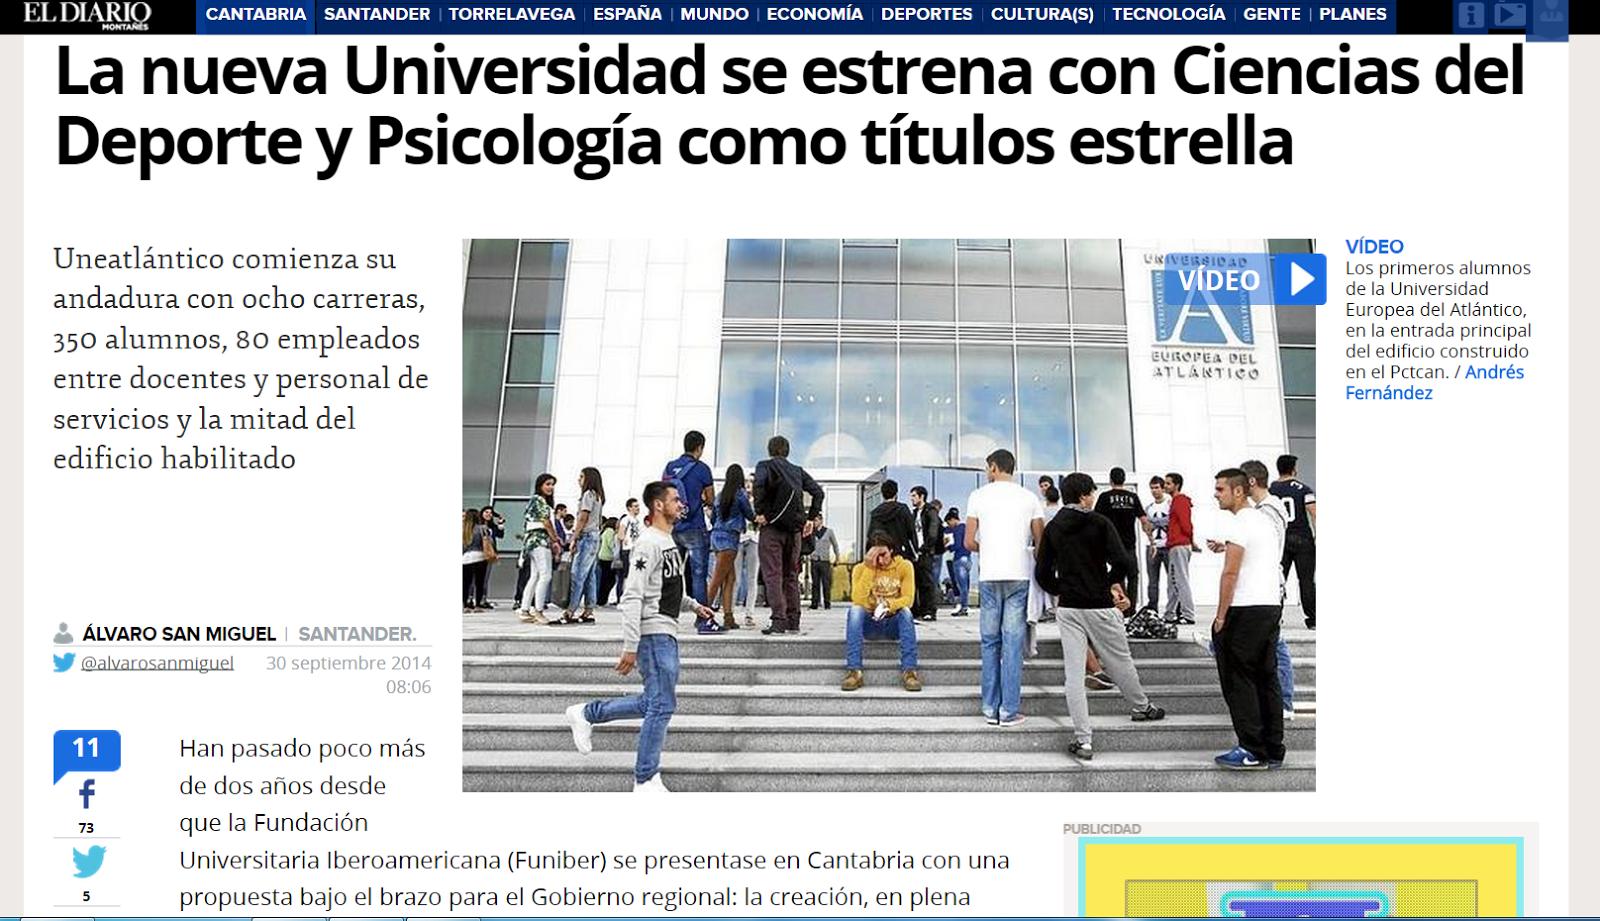 Universidad Europea del Atlántico - UNEATLANTICO